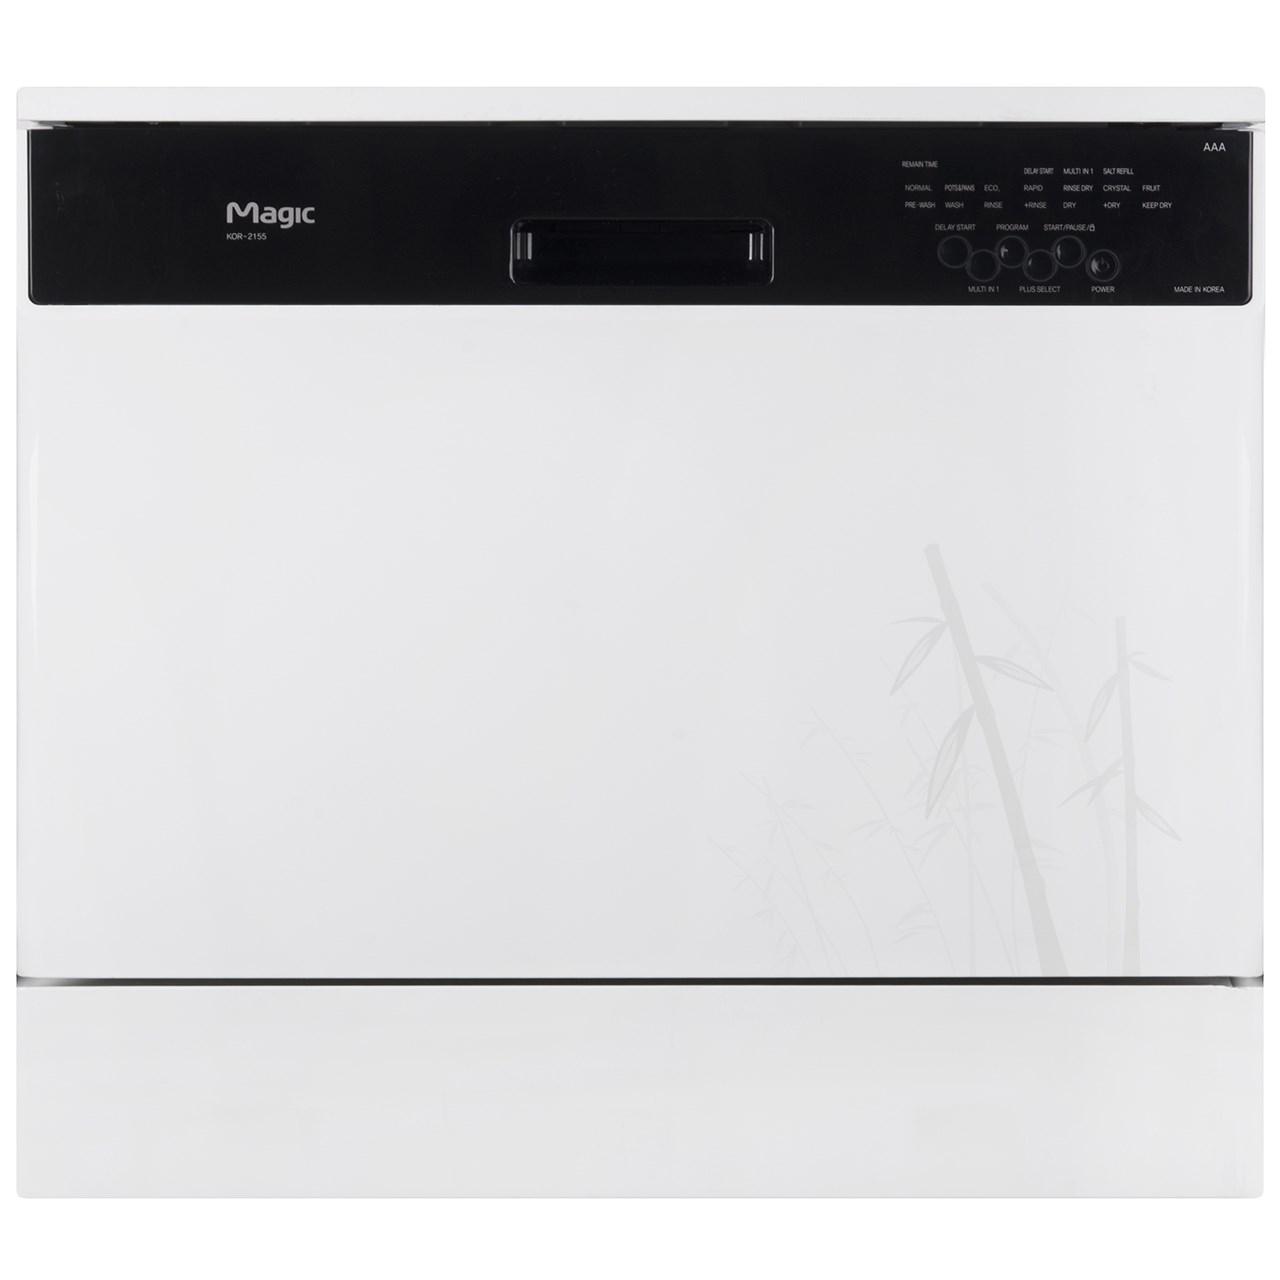 فروش نقدی و اقساطی ماشین ظرفشویی رومیزی مجیک مدل KOR-2155B